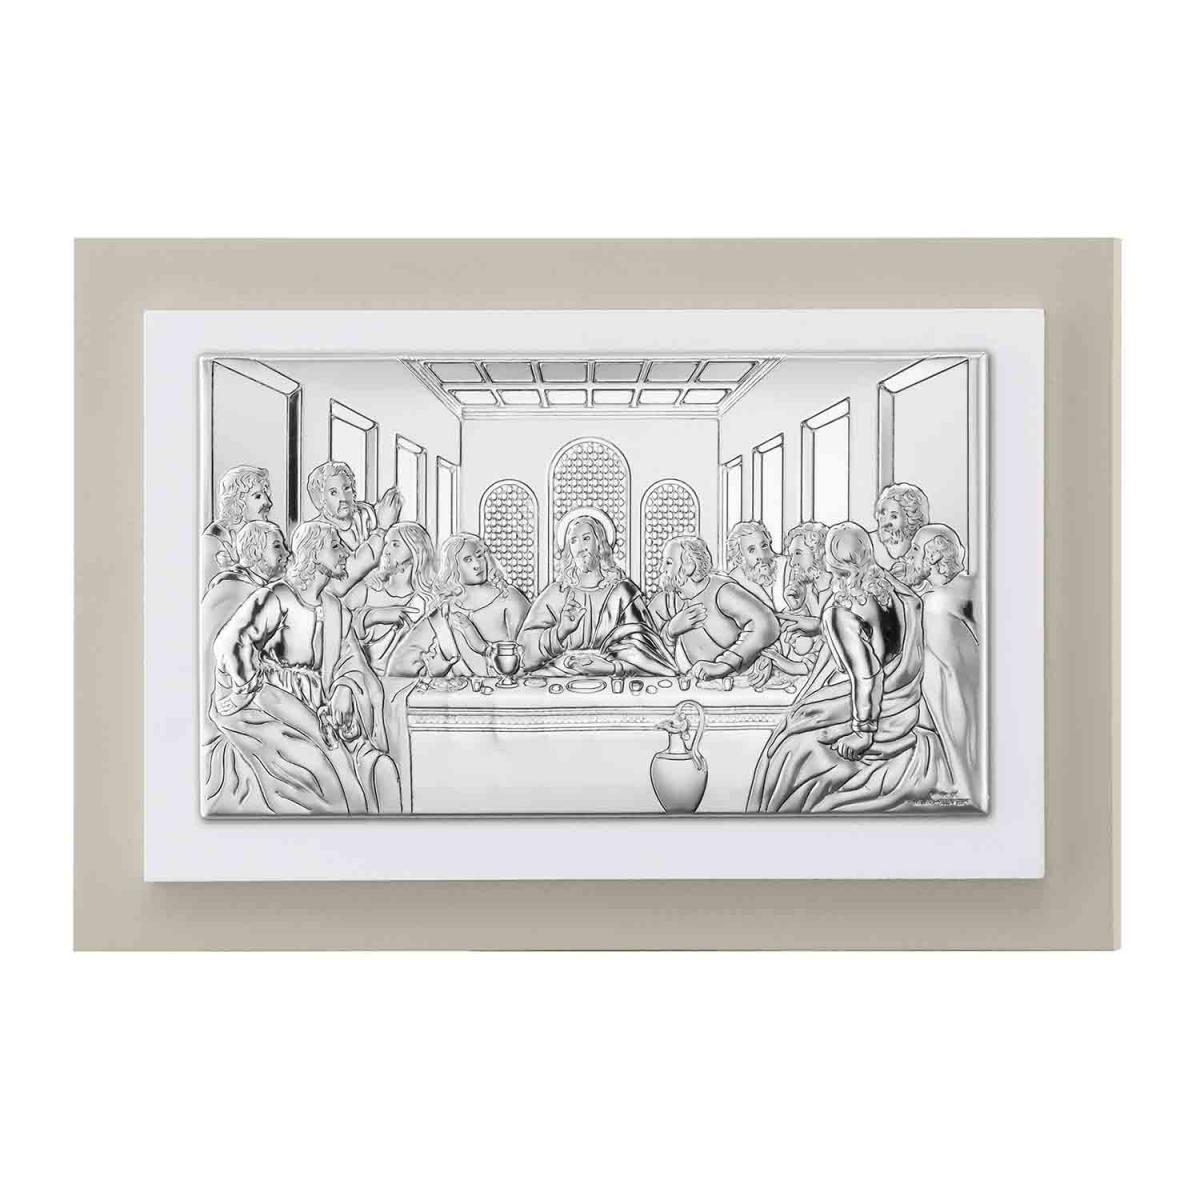 Ікона срібна ``Тайна вечеря`` 20х12см TP 81221 3LGW